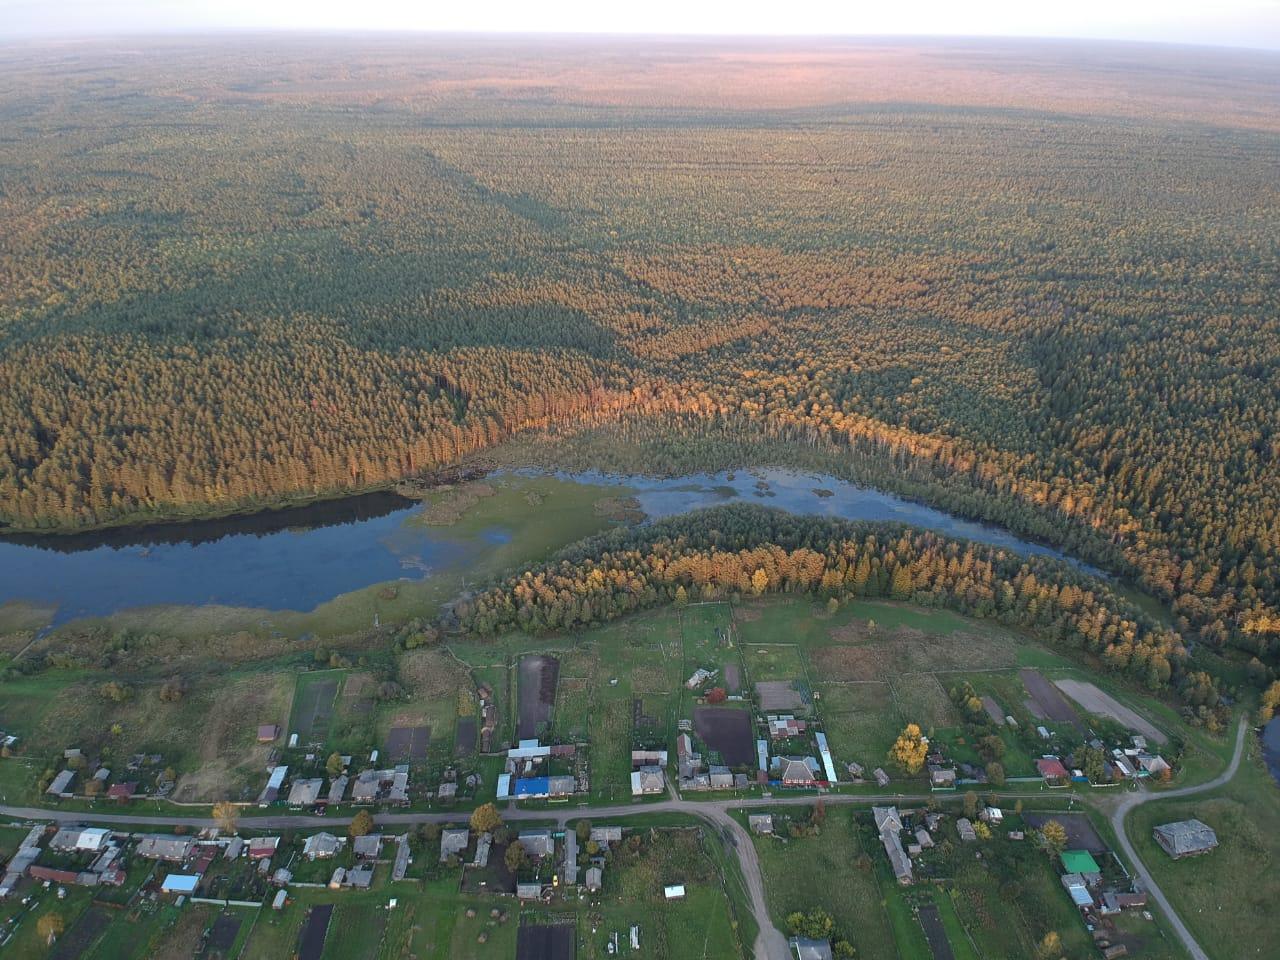 Так деревня Ивановка выглядит с высоты птичьего полета. Красиво, аж дух захватывает!